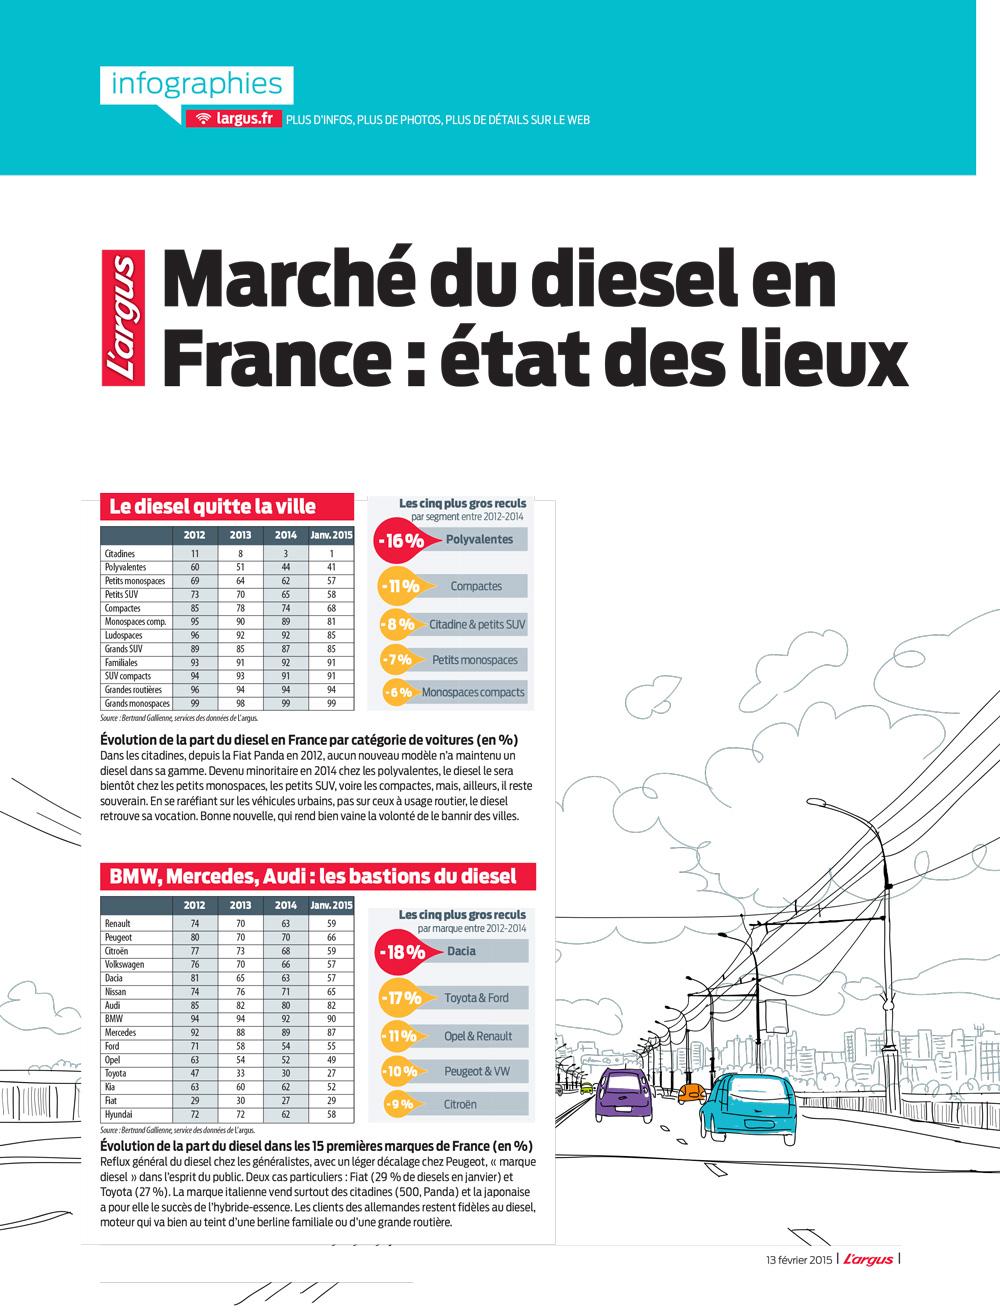 Infographie du marché du diesel en France en janvier 2015